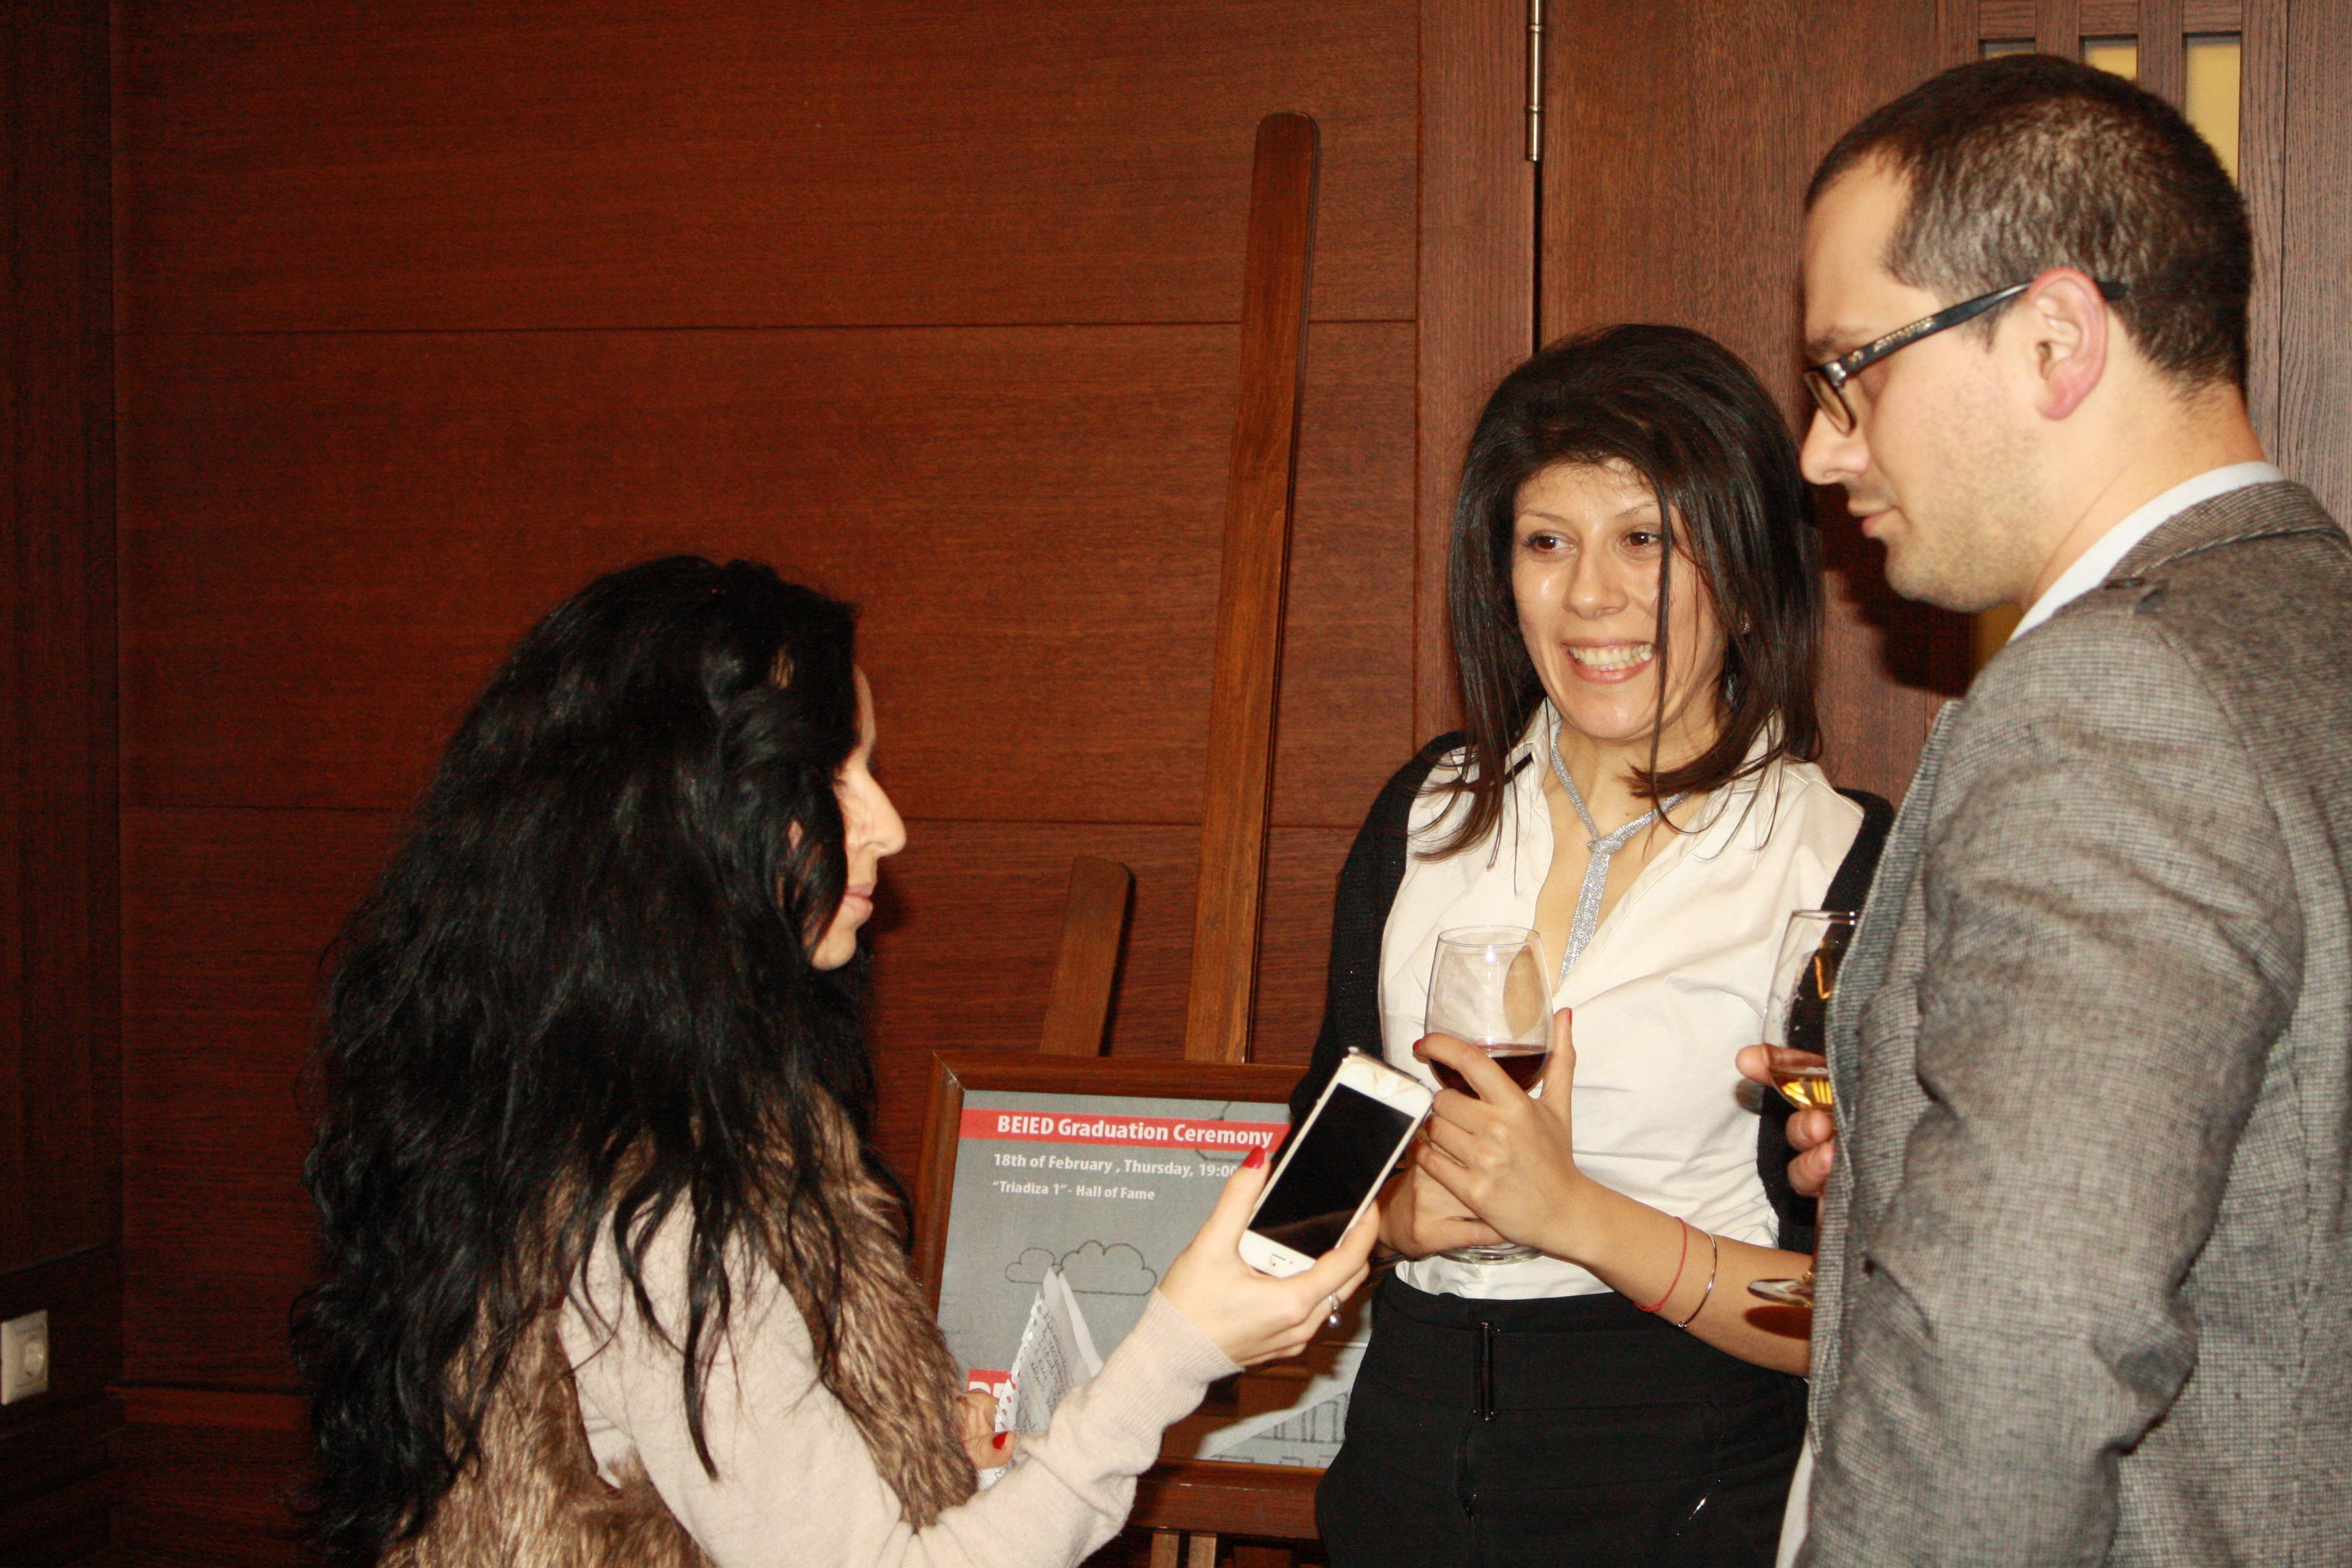 Uchi.bg doing interview